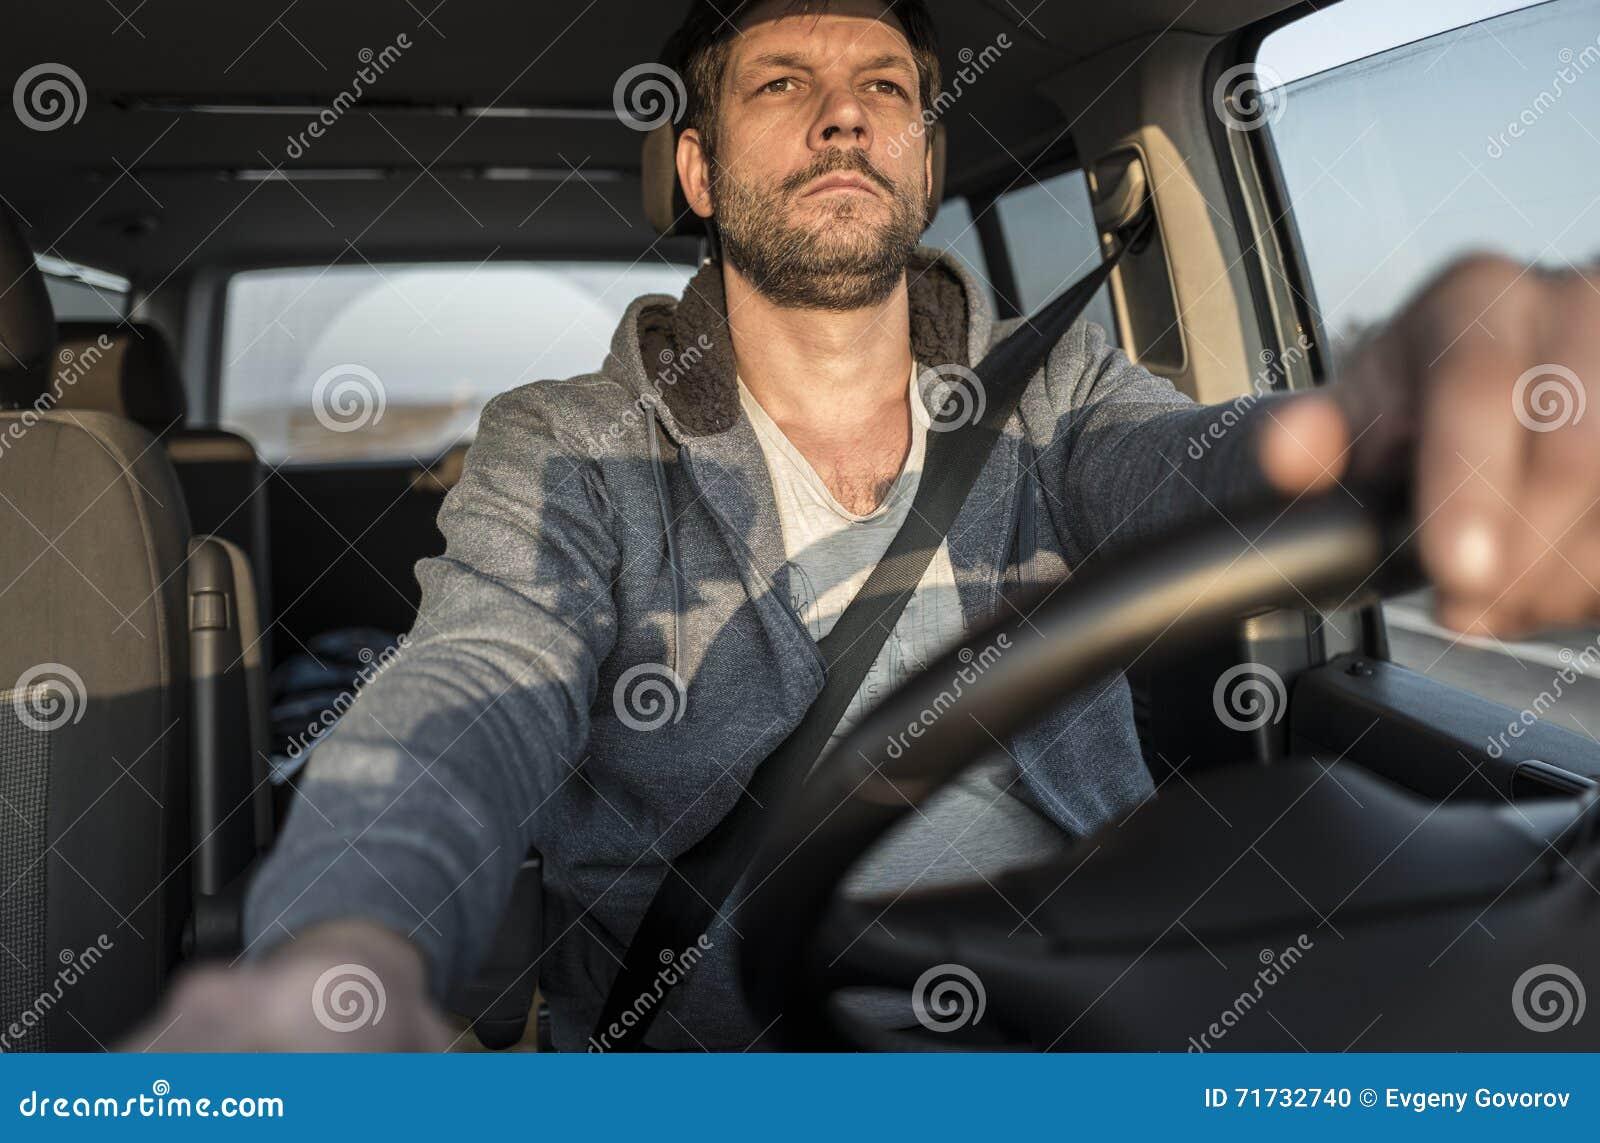 El hombre sin afeitar cansado está conduciendo el coche